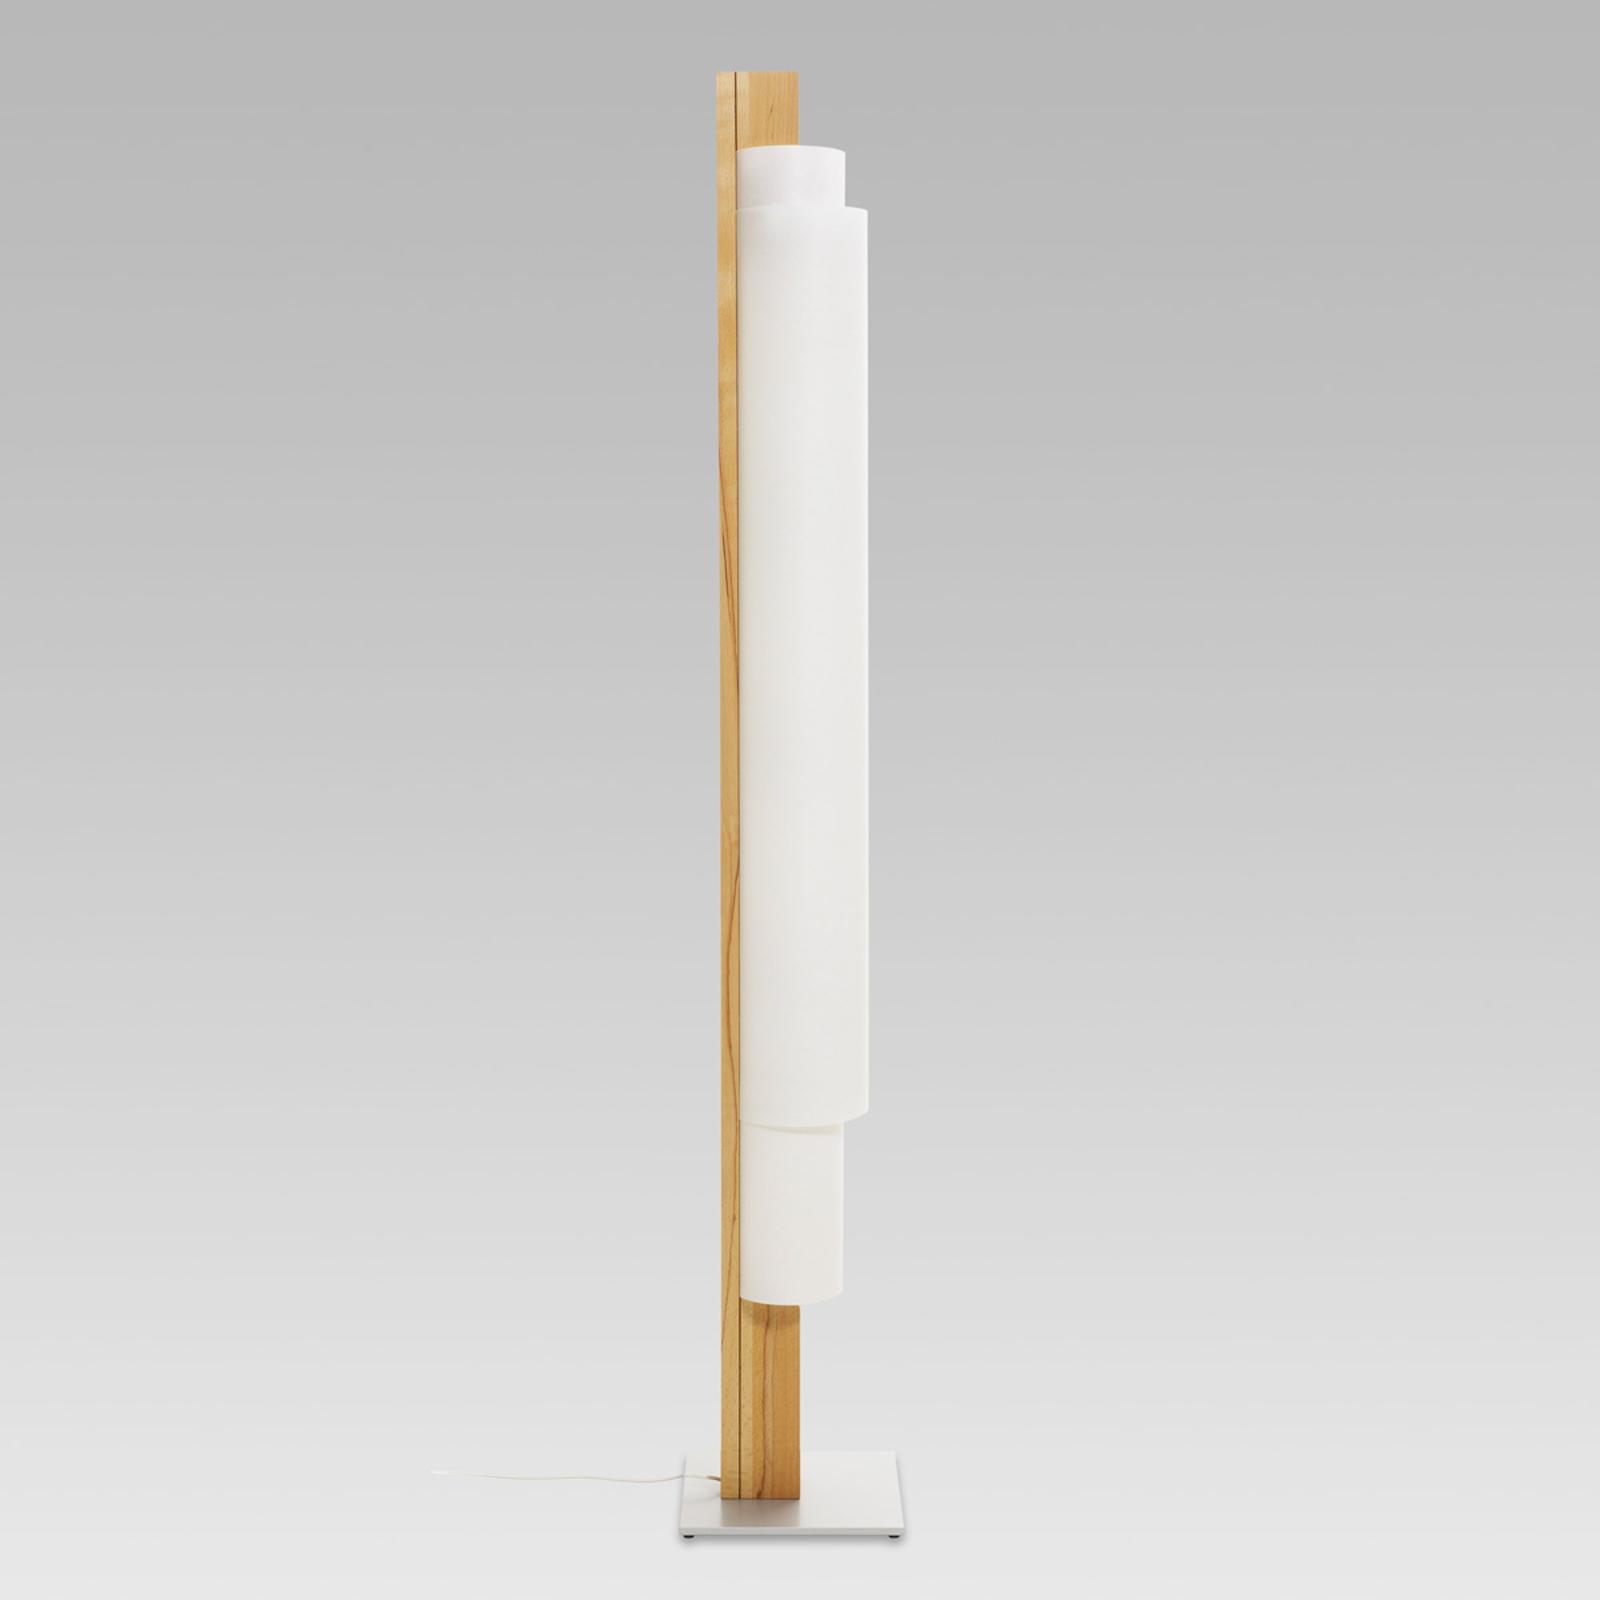 Lampadaire LED Stele en cœur de hêtre